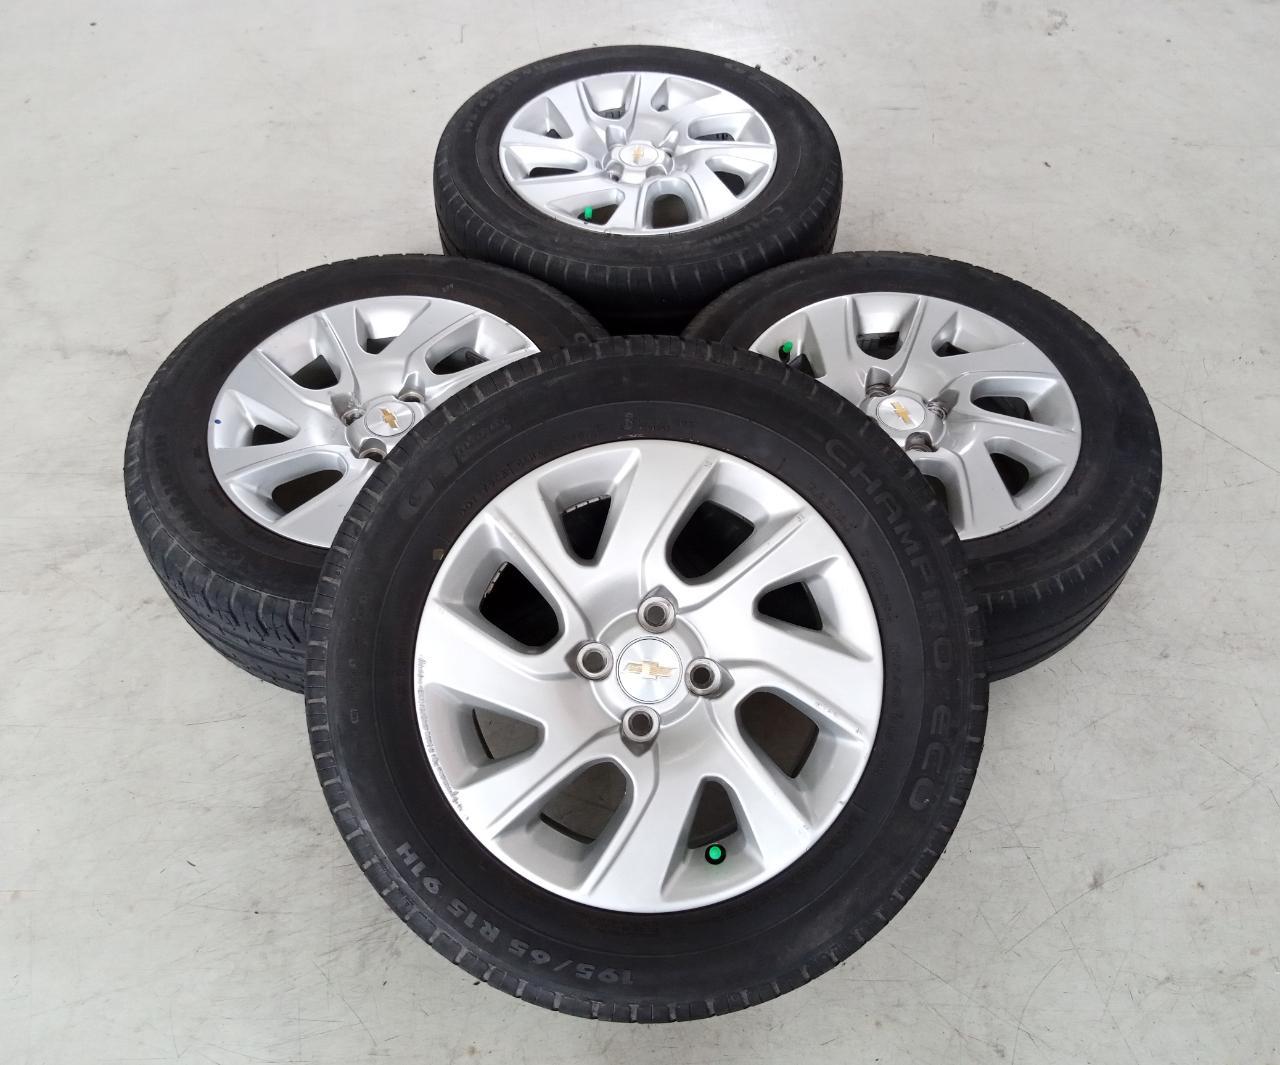 Velg Bekas Oem Chevrolet Spin Ring 15 + Ban GT Champiro 195/65/R15